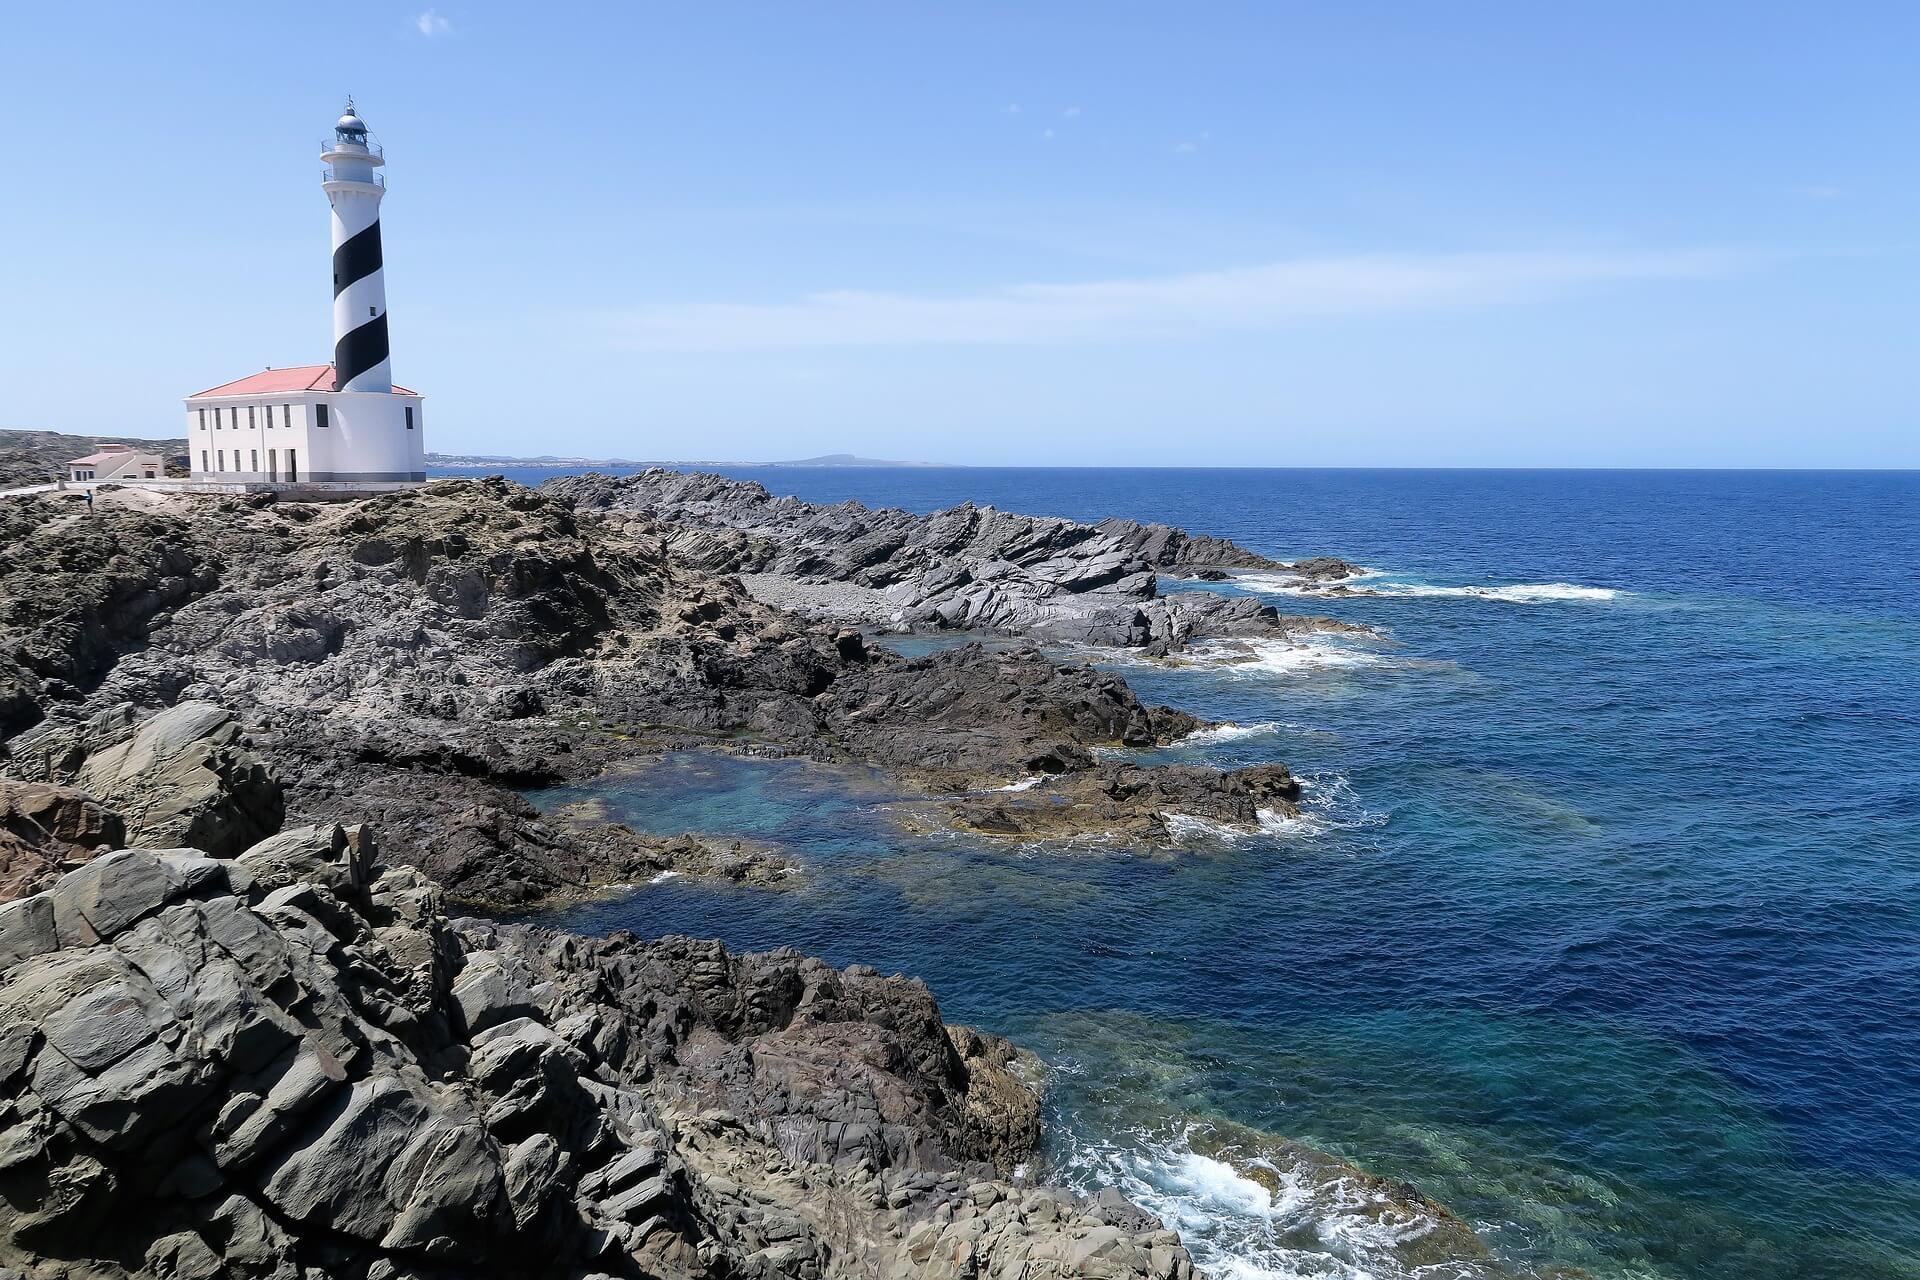 Der Leuchtturm von Favàritx auf der spanischen Insel Menorca.